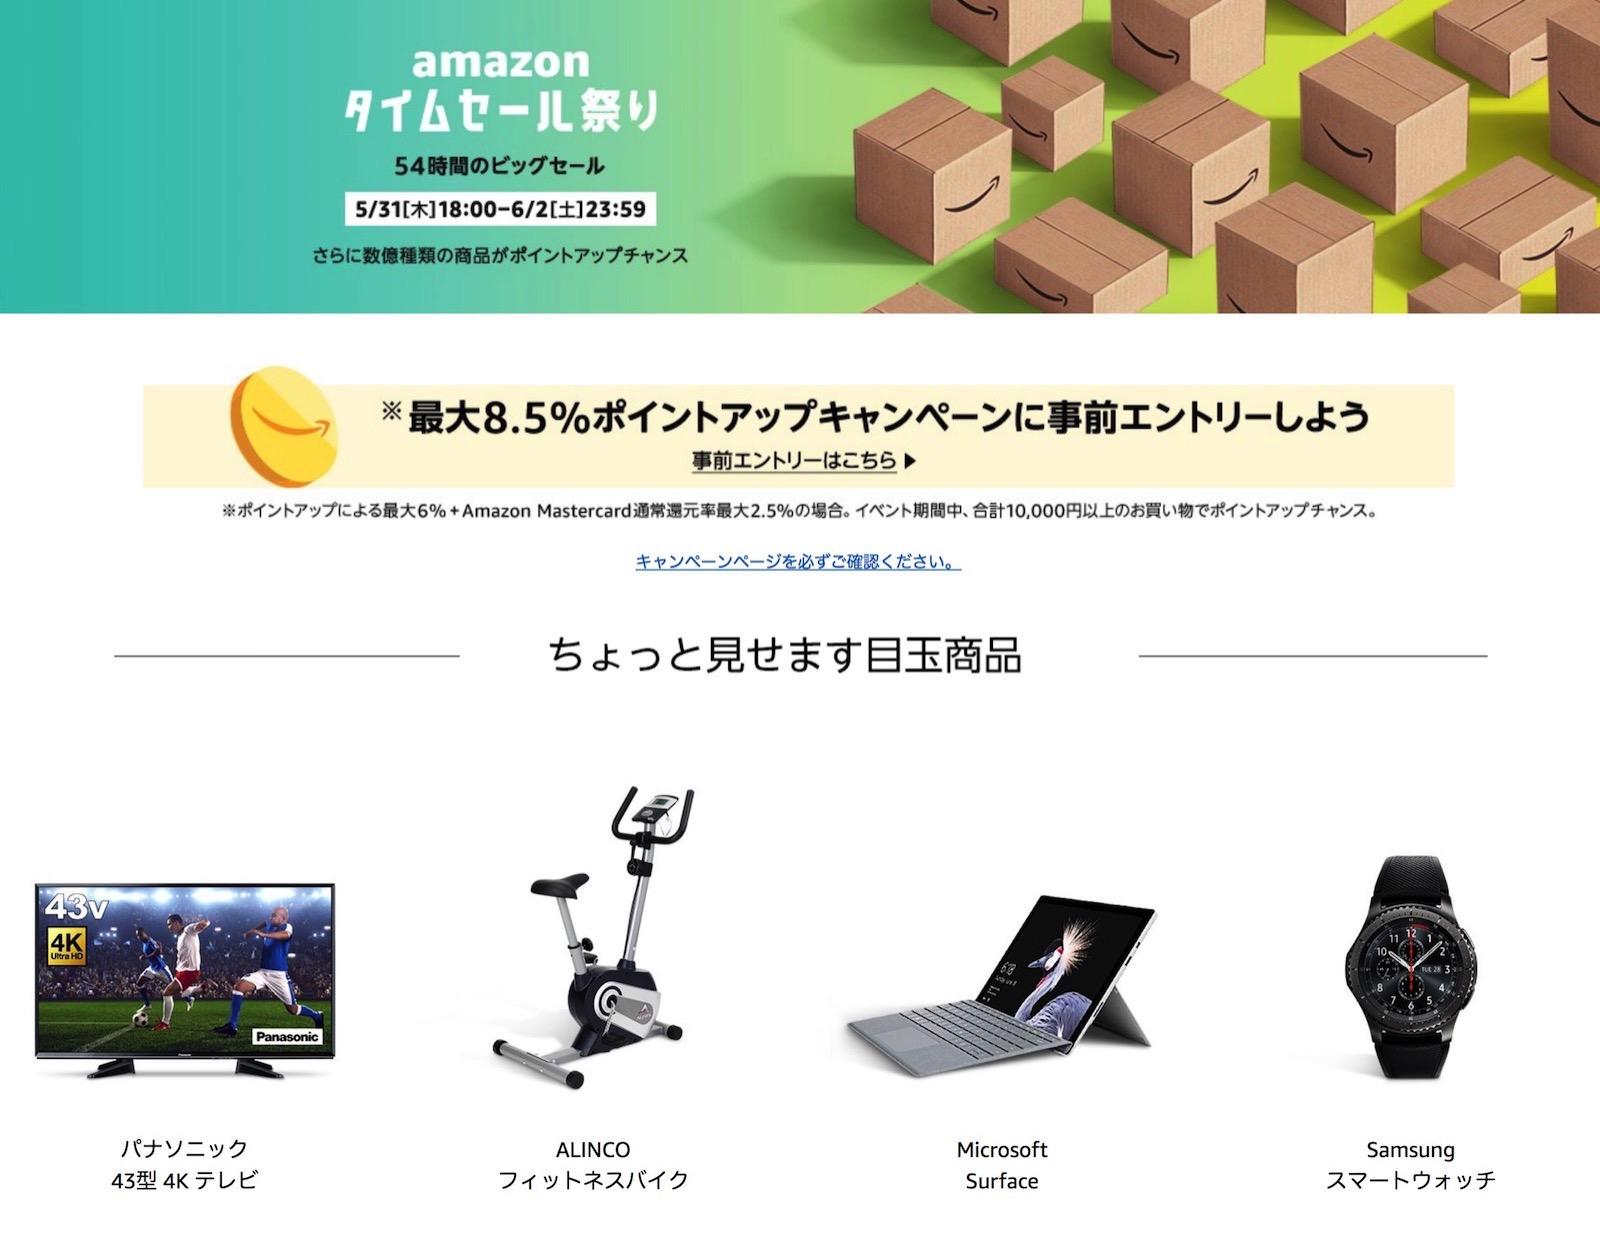 Amazon Timesale Campaign